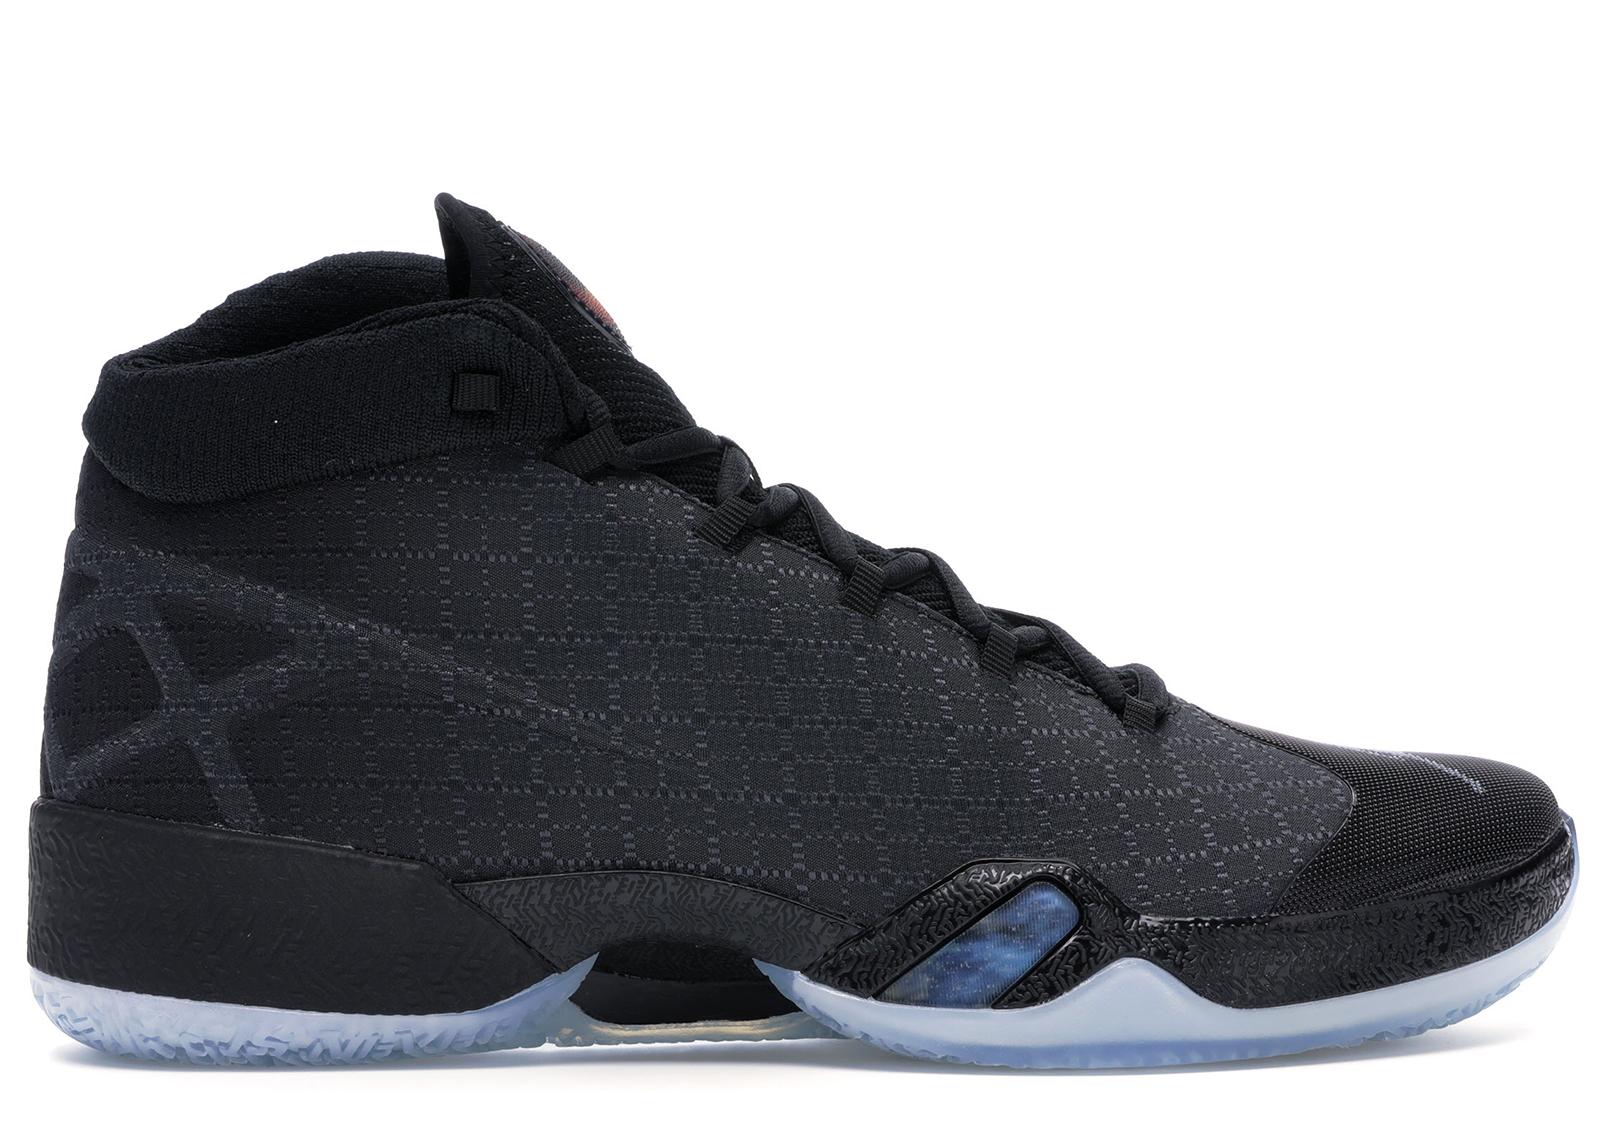 Air Jordan 30 Shoes \u0026 Deadstock Sneakers